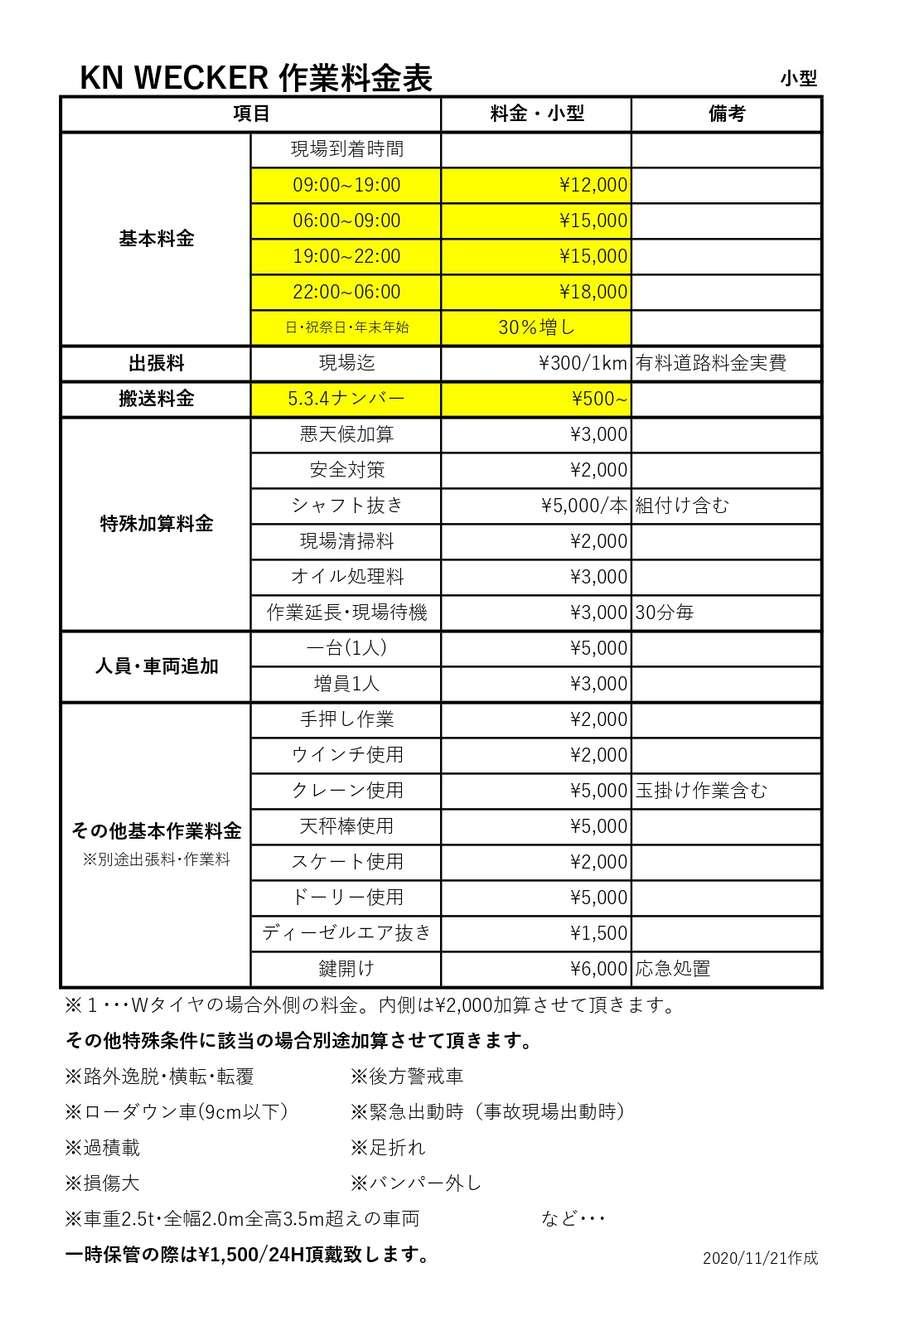 小型車レッカー料金表